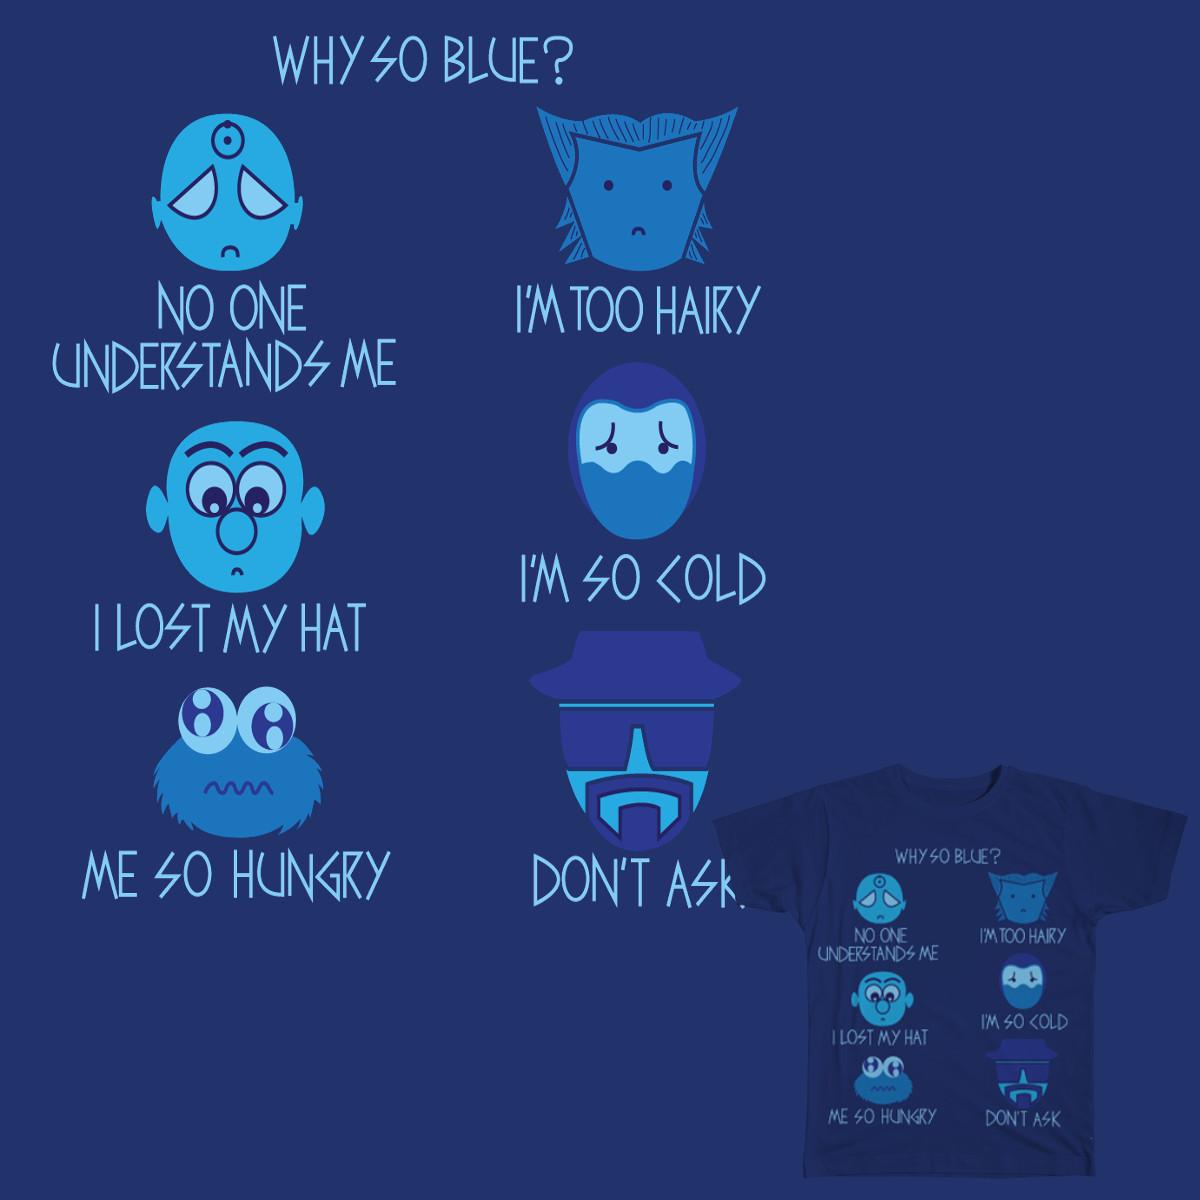 Why So Blue? by caspertheghost on Threadless